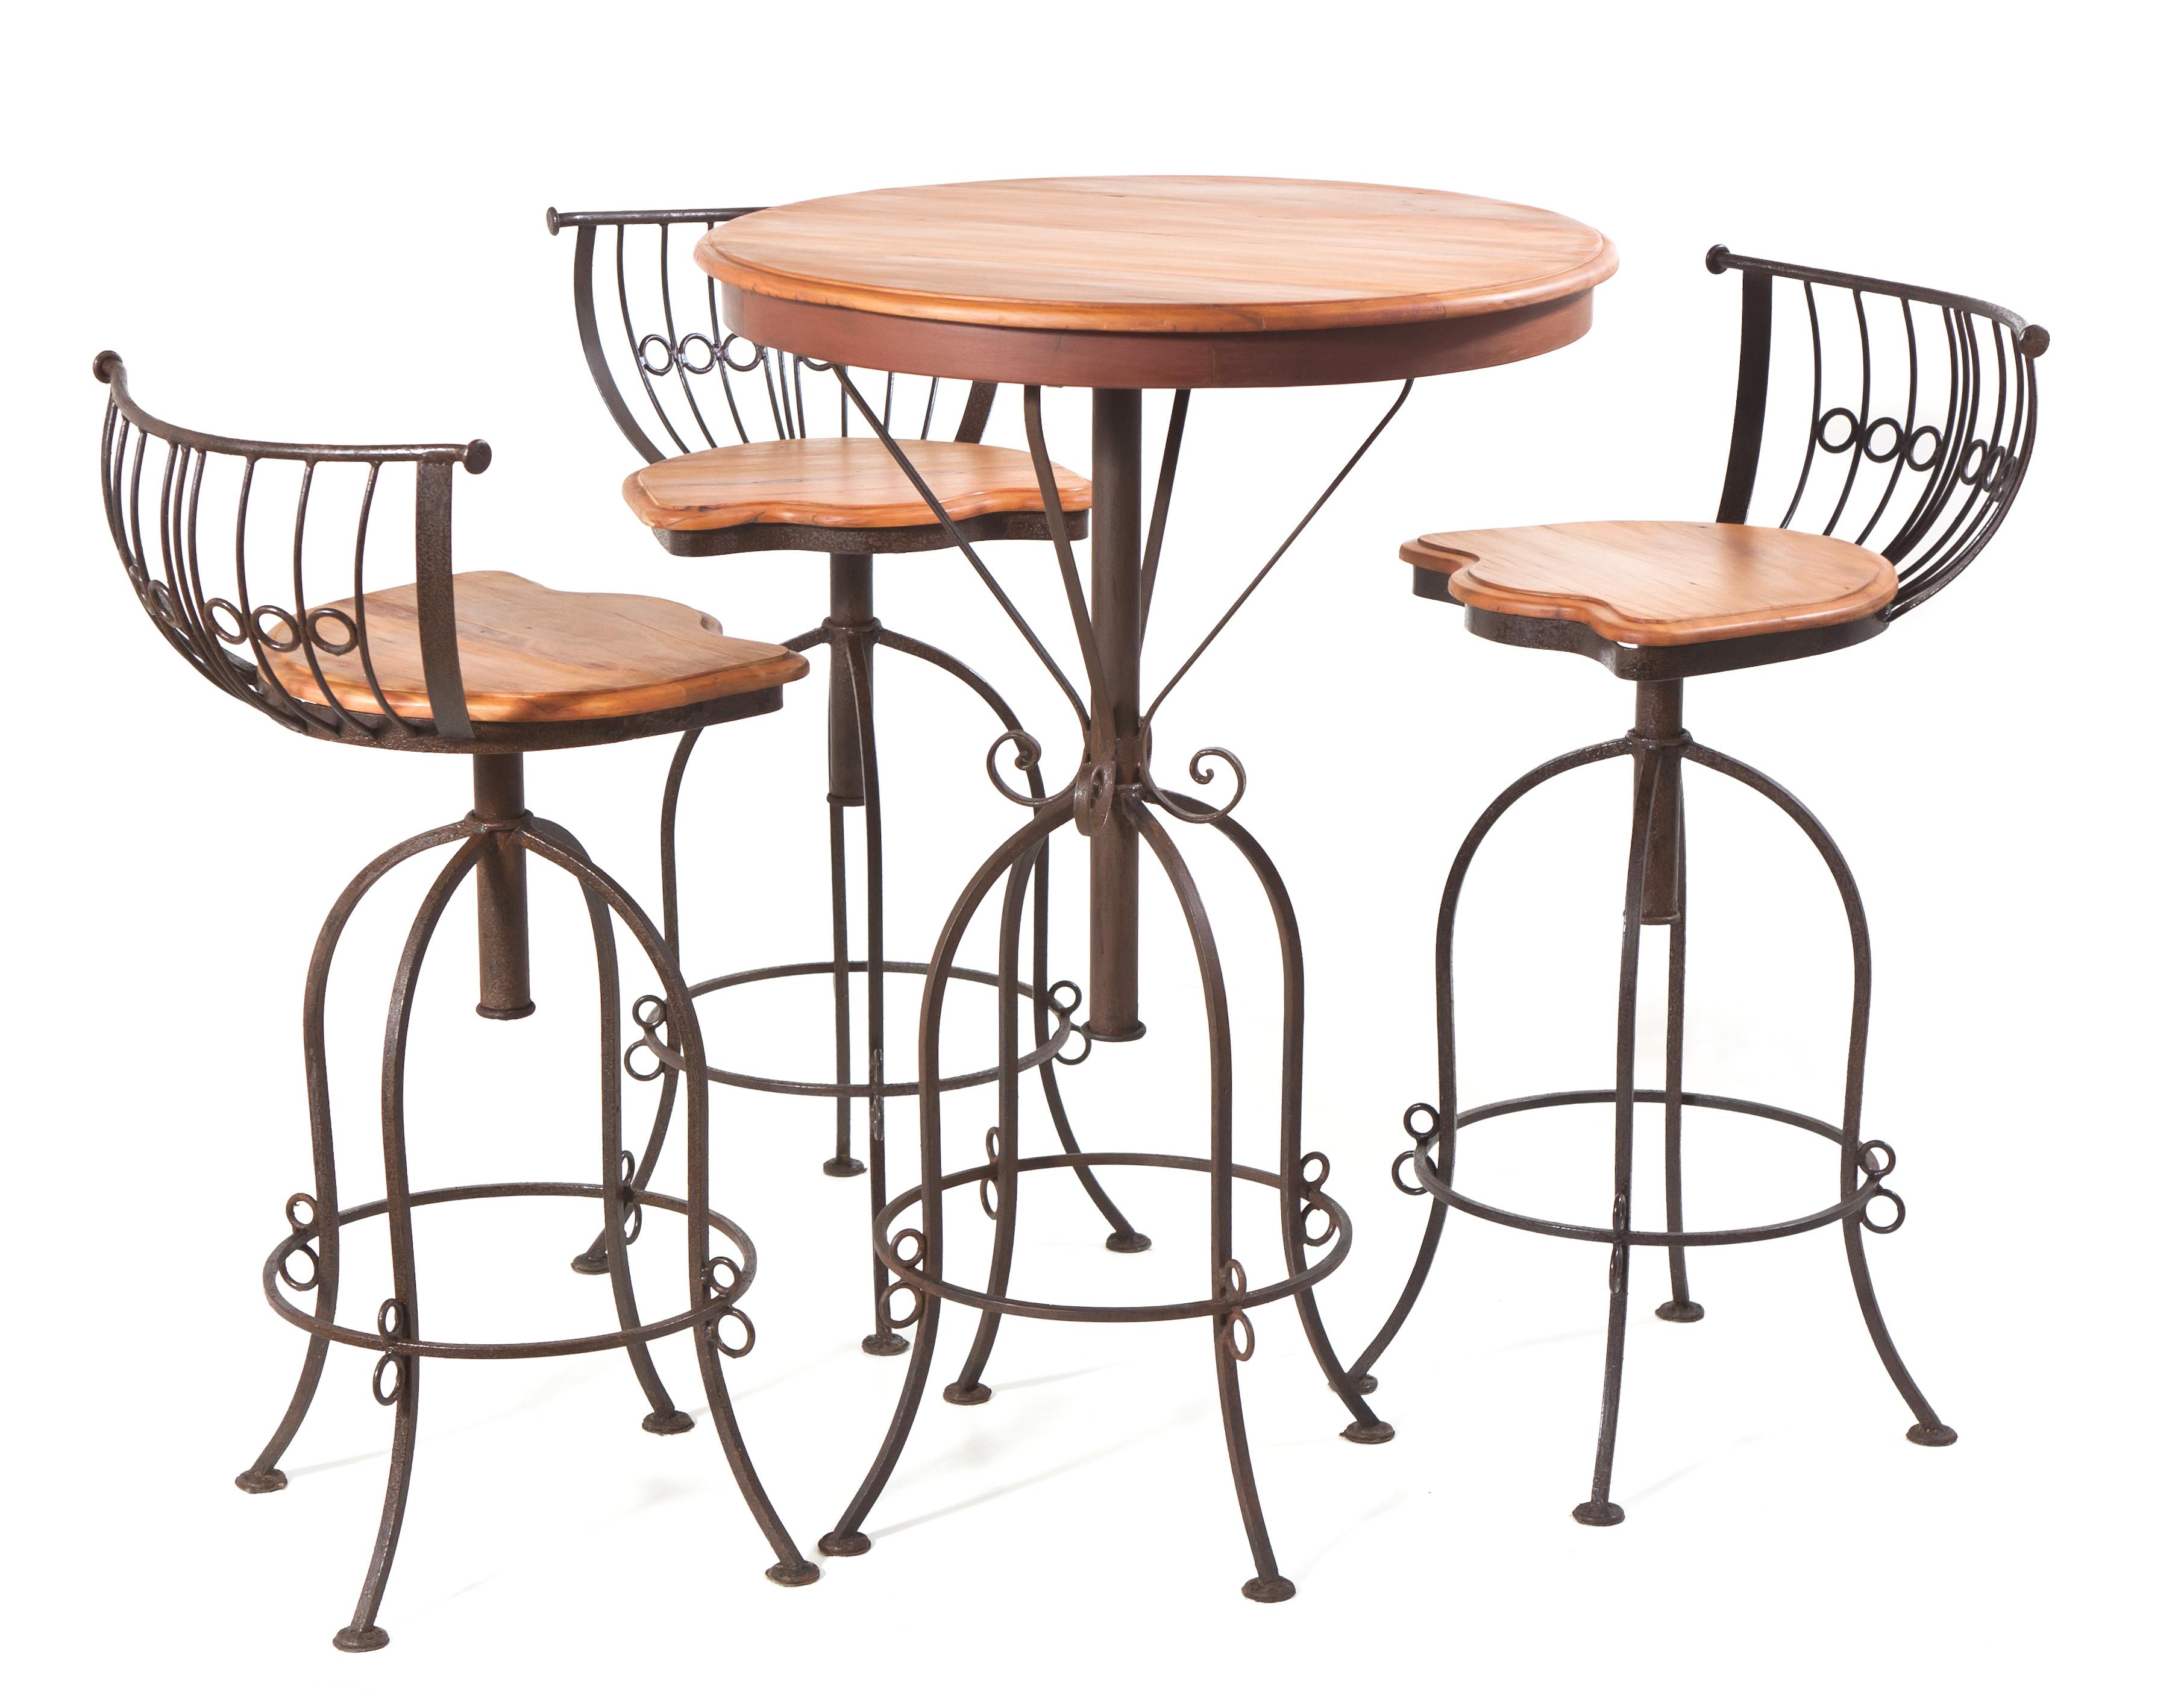 Mesa com estrutura de ferro maciço, tampo em madeira de demolição peroba rosa e cadeiras giratórias com assento em madeira de demolição peroba rosa.